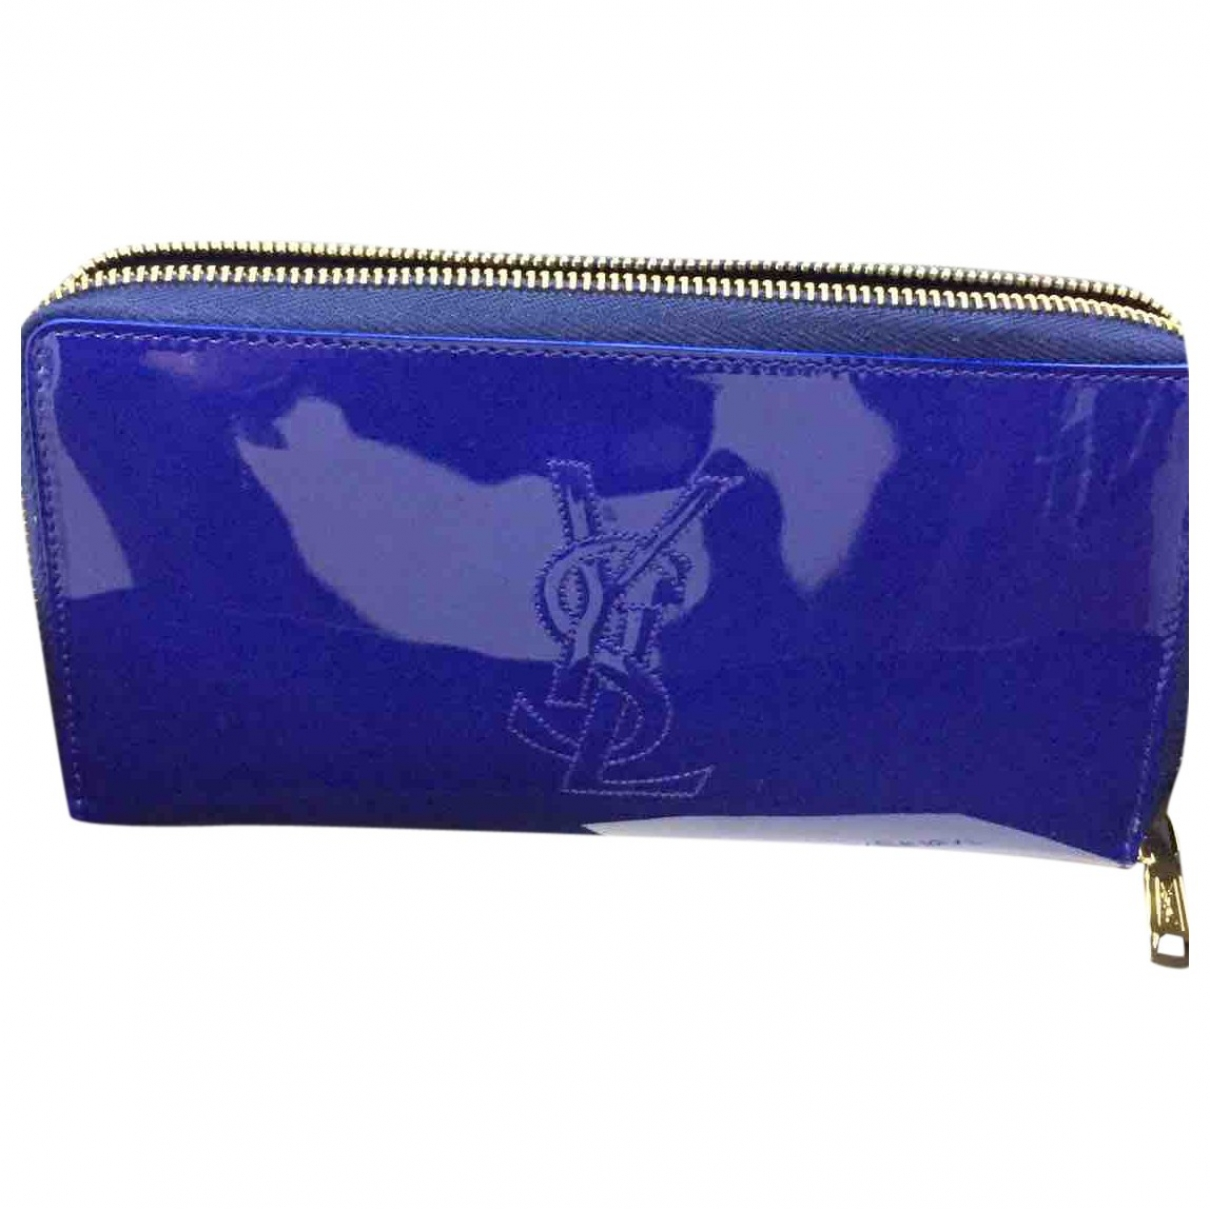 Saint Laurent - Portefeuille   pour femme en cuir verni - bleu